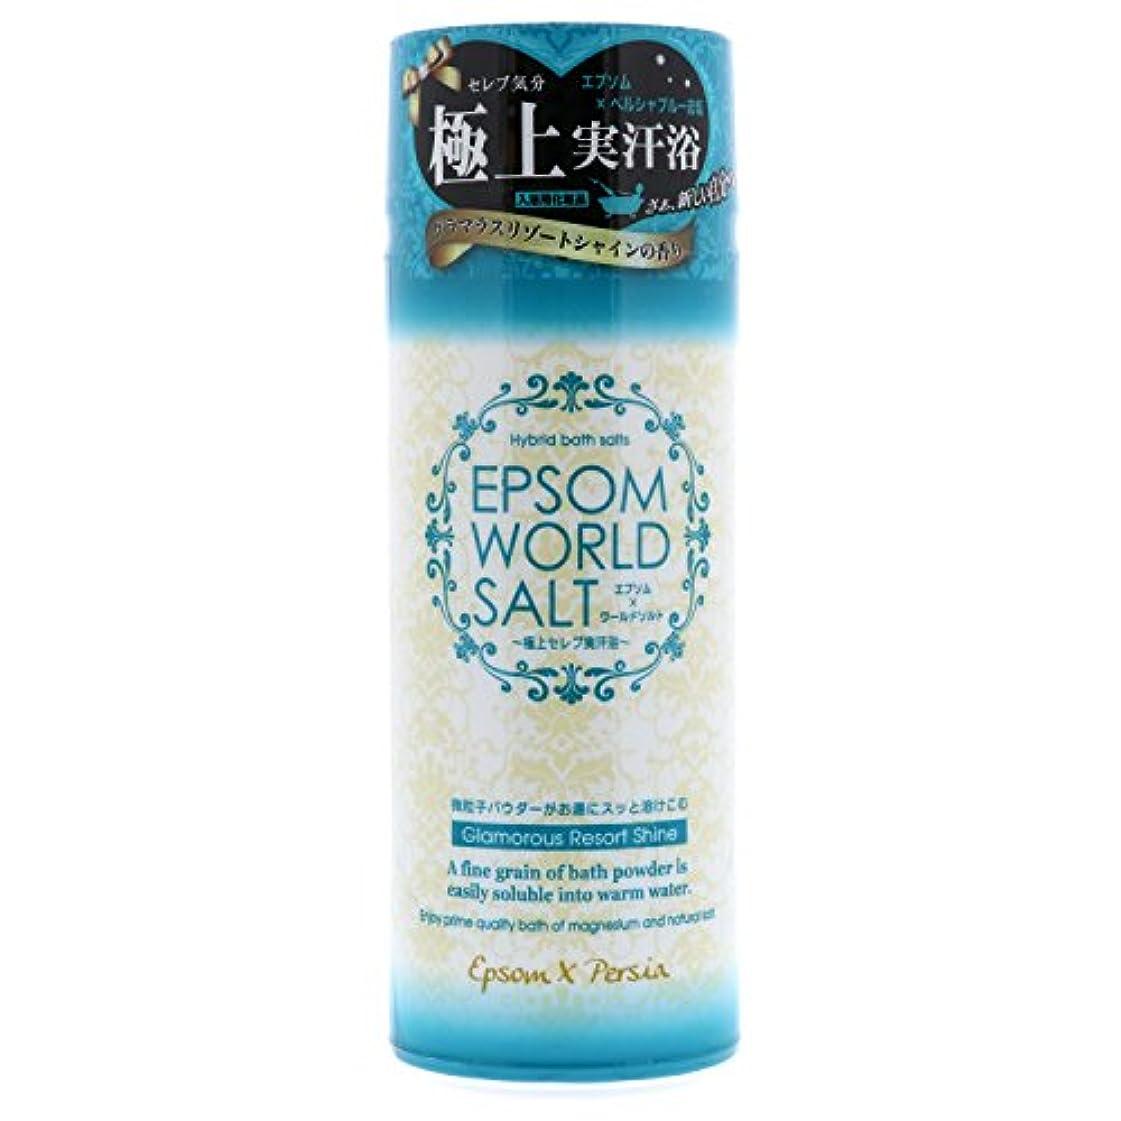 ささやきどのくらいの頻度で悪性エプソムワールドソルト グラマラスリゾートシャインの香り ボトル 500g